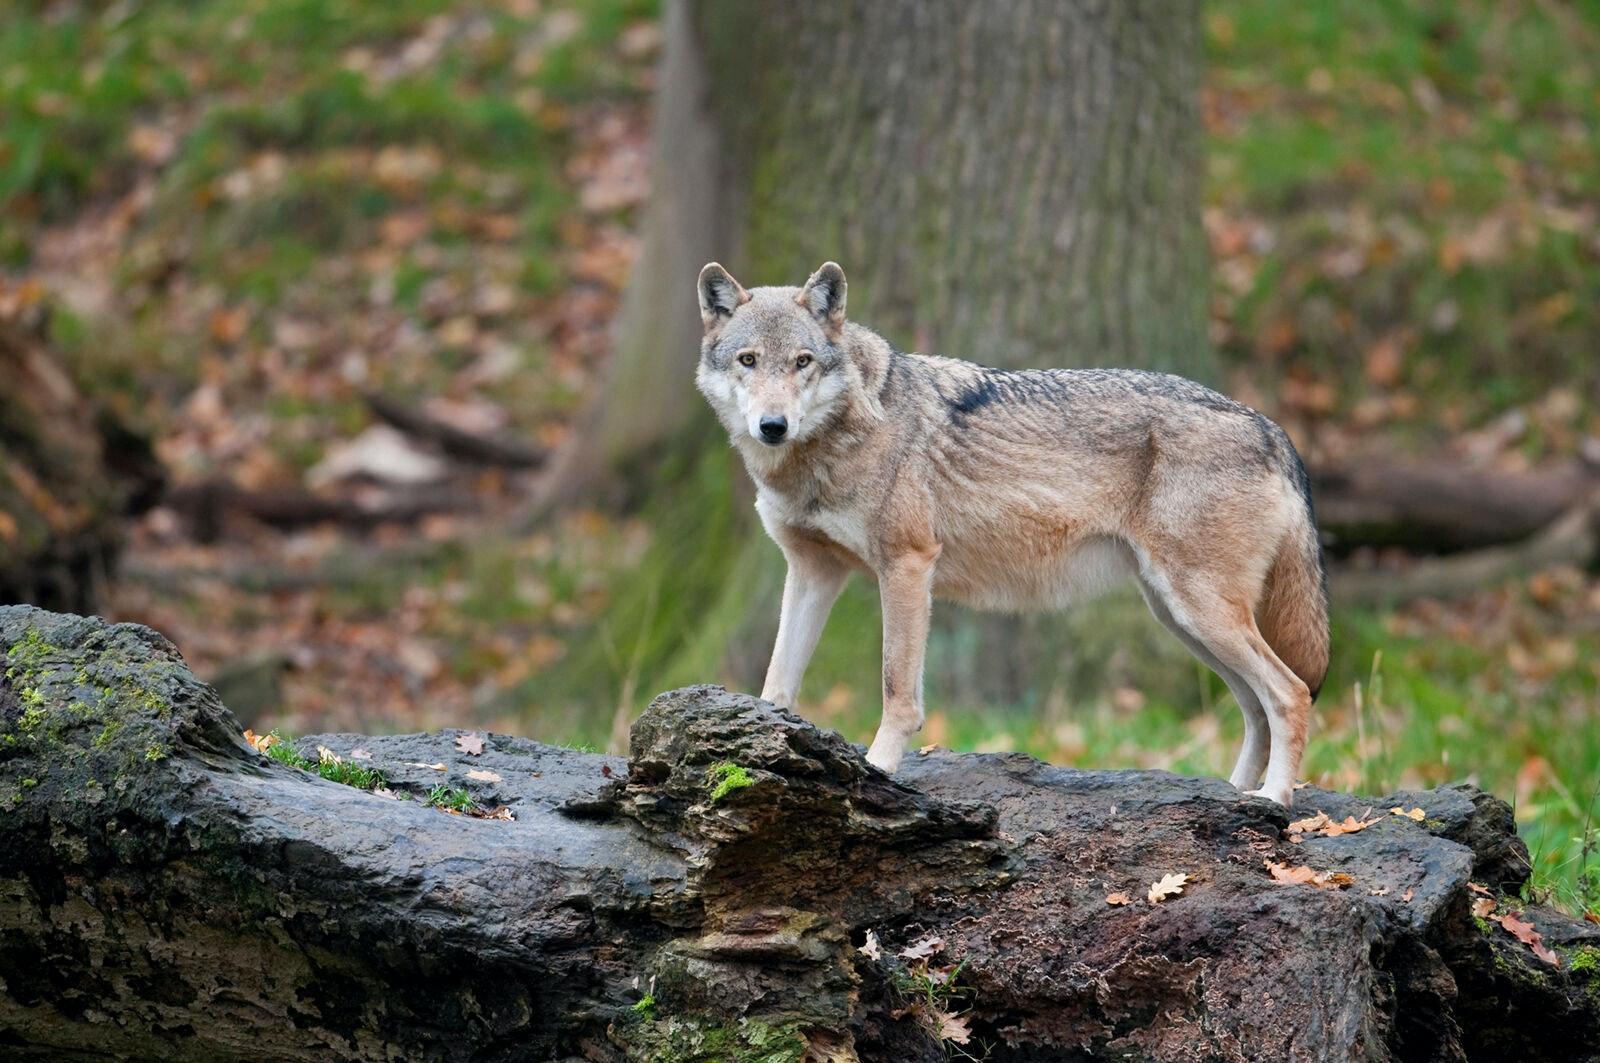 I lupi moderni condividono un antenato comune con il cane domestico ma la loro gamma di comportamenti di caccia potrebbe essere stata significativamente alterata dalla minaccia dell'uomo.